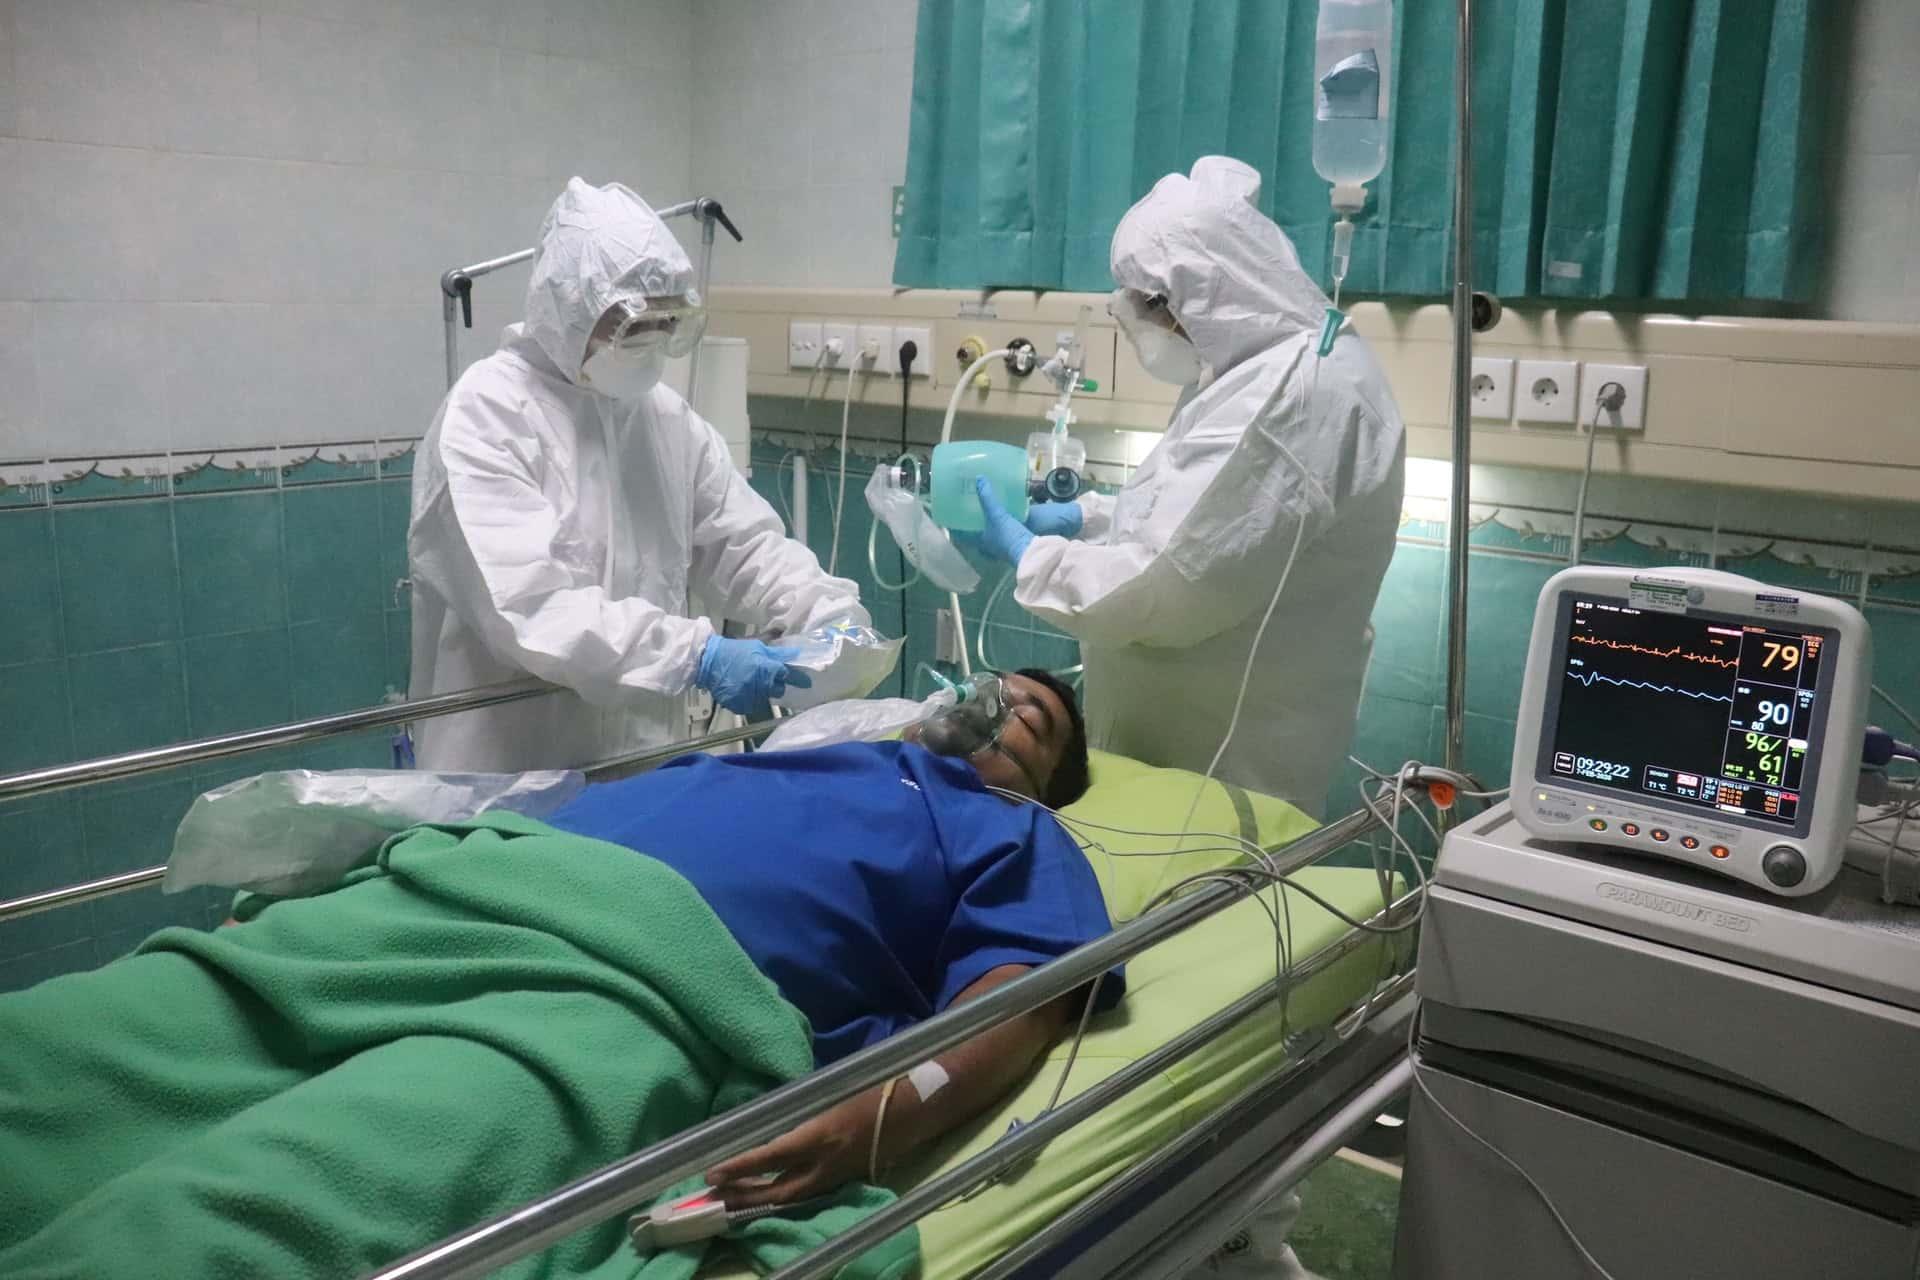 Surgeon mistake